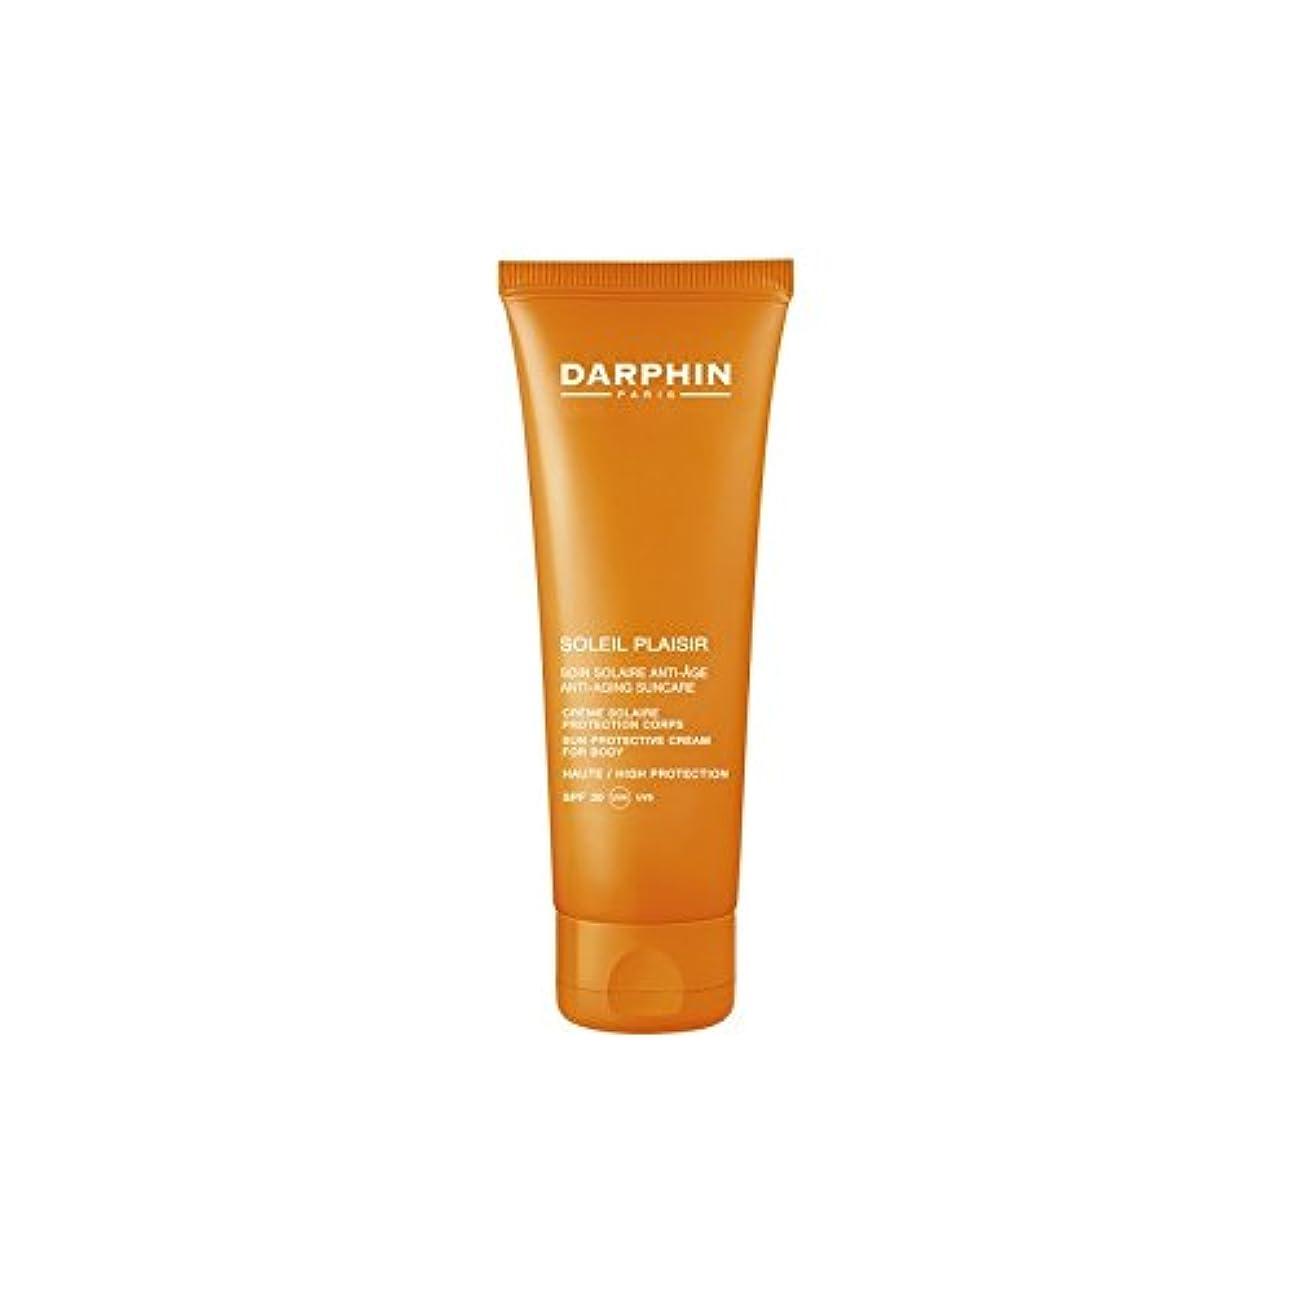 ひらめき識別する激怒Darphin Soleil Plaisir Body Cream (Pack of 6) - ダルファンソレイユプレジールボディクリーム x6 [並行輸入品]